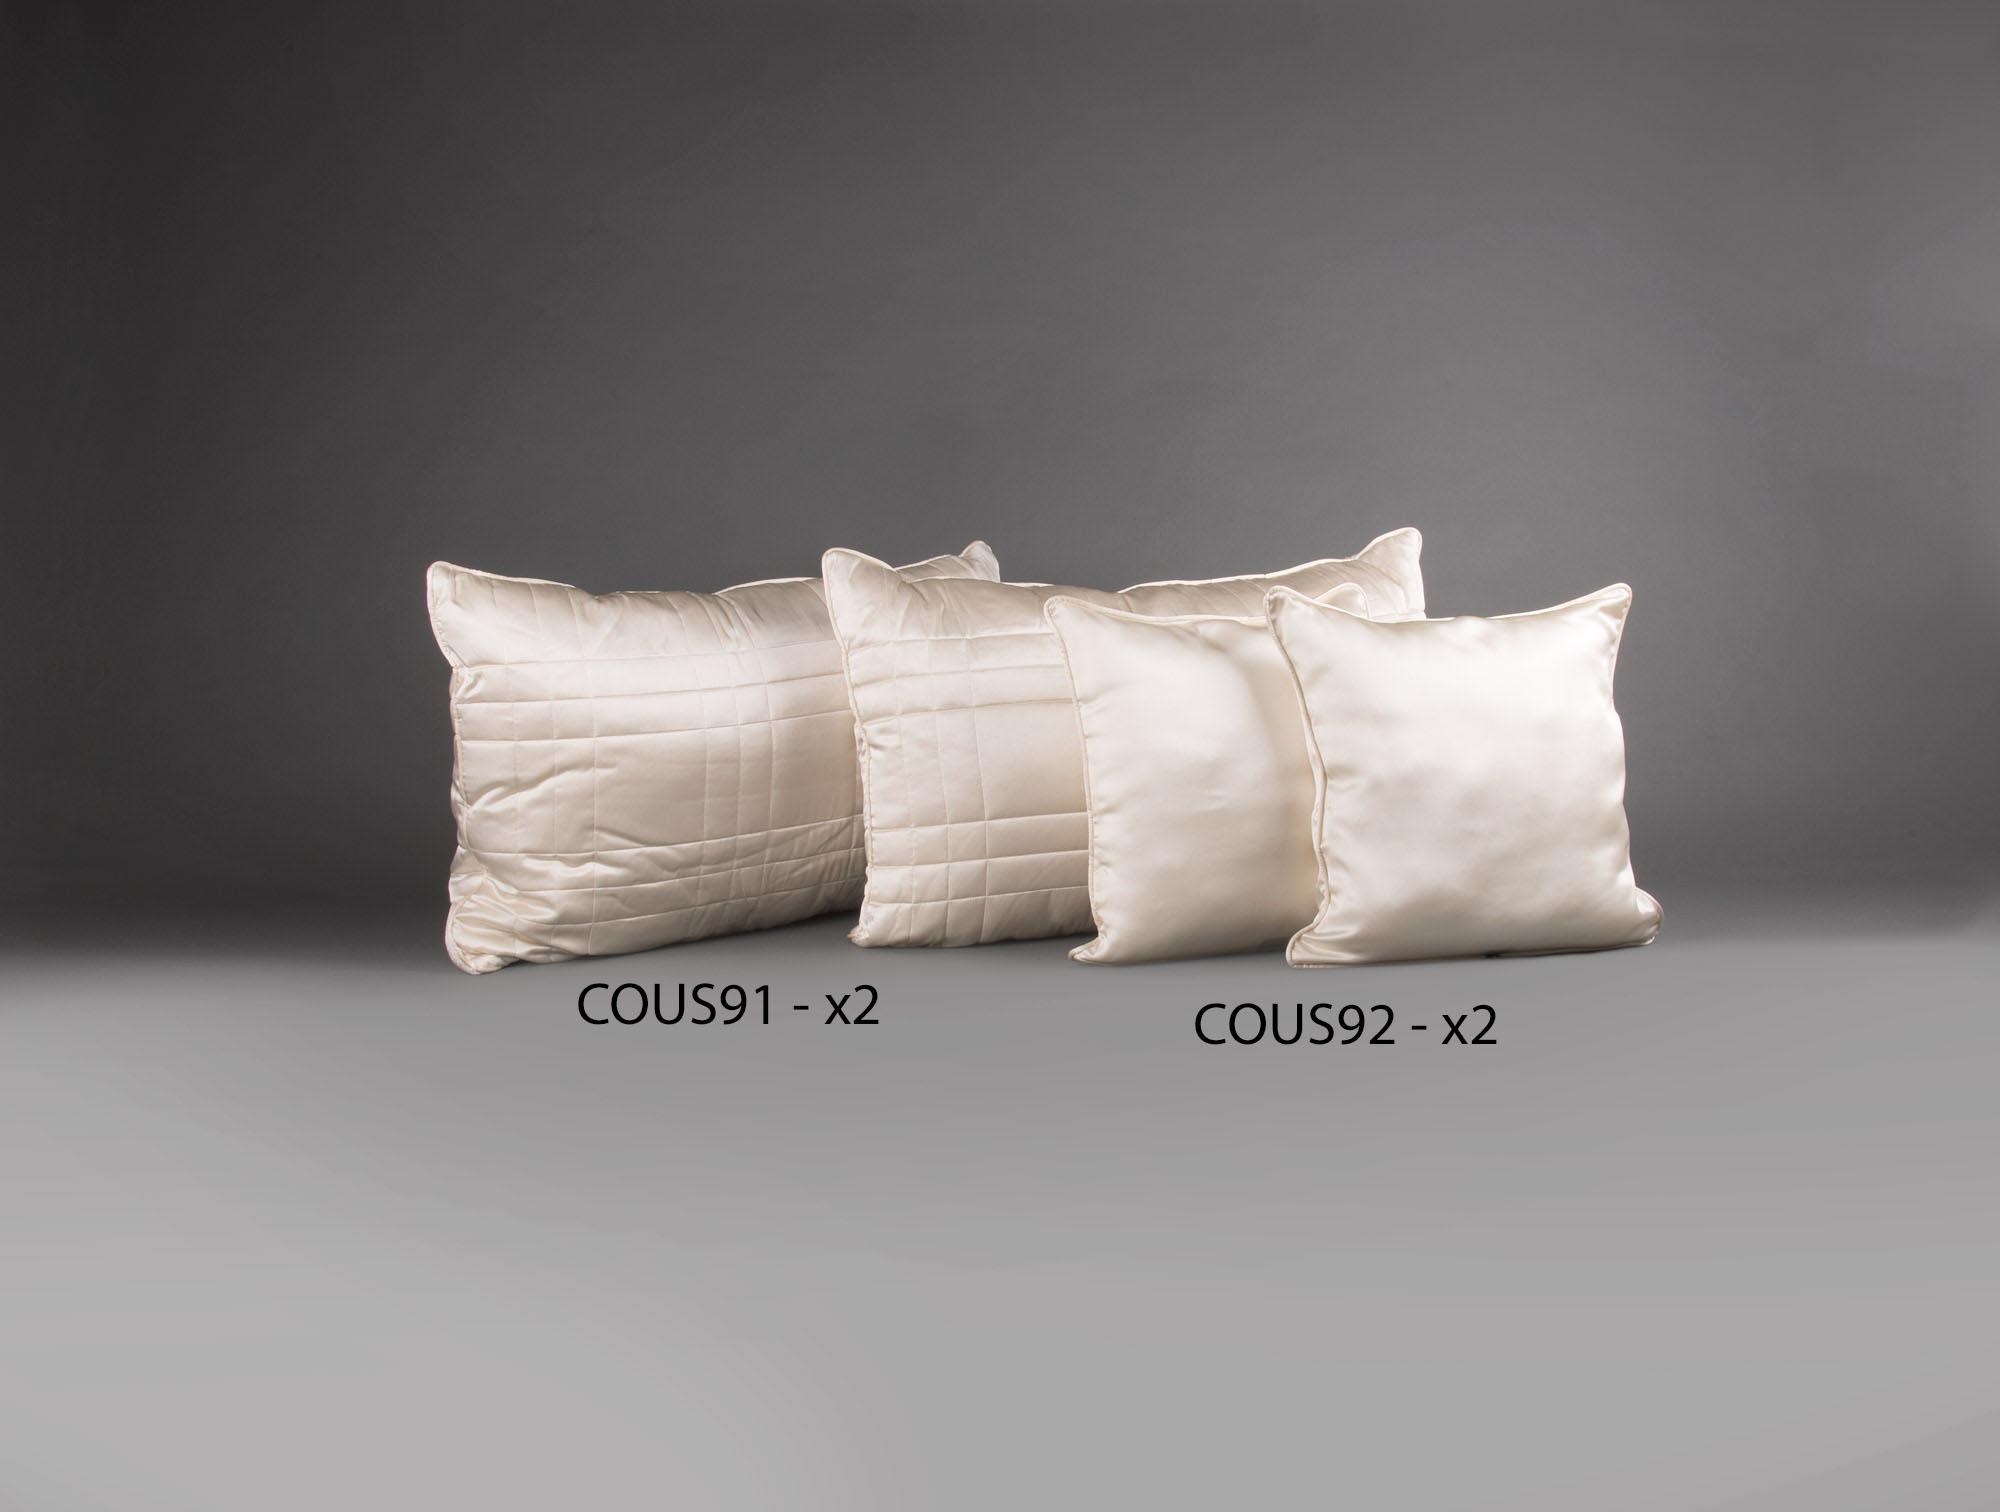 4 coussins en satin beige soubrier louer tissus coussin contemporain. Black Bedroom Furniture Sets. Home Design Ideas